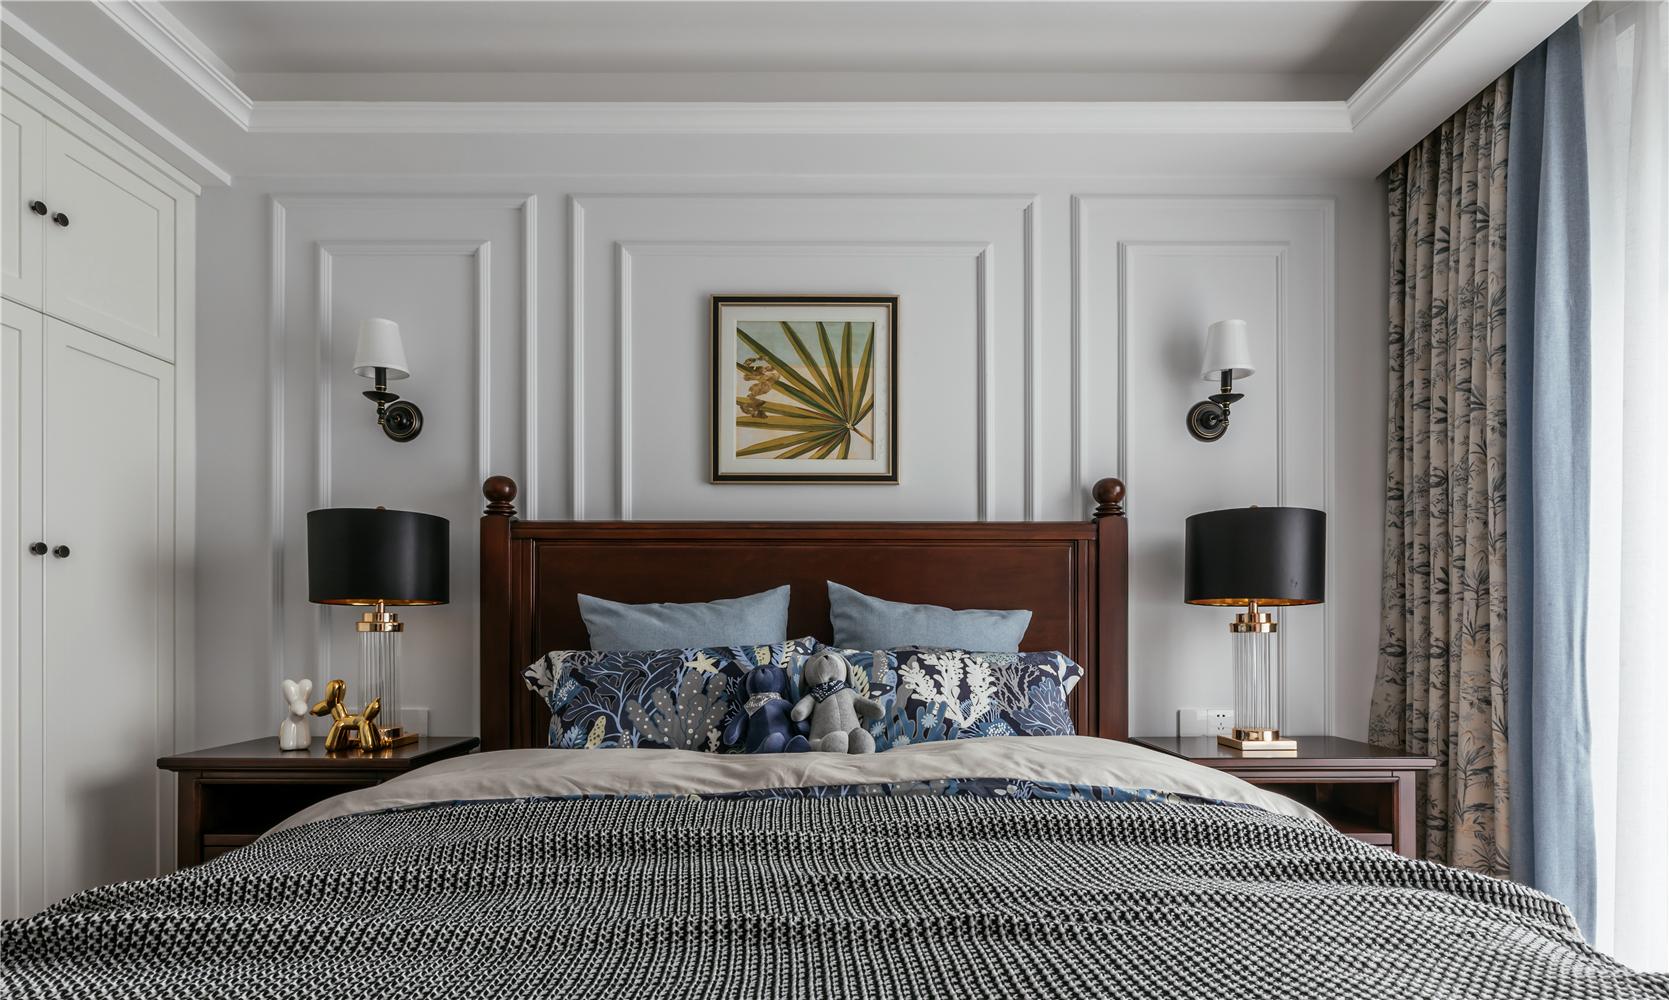 简美风格两居卧室背景墙装修效果图